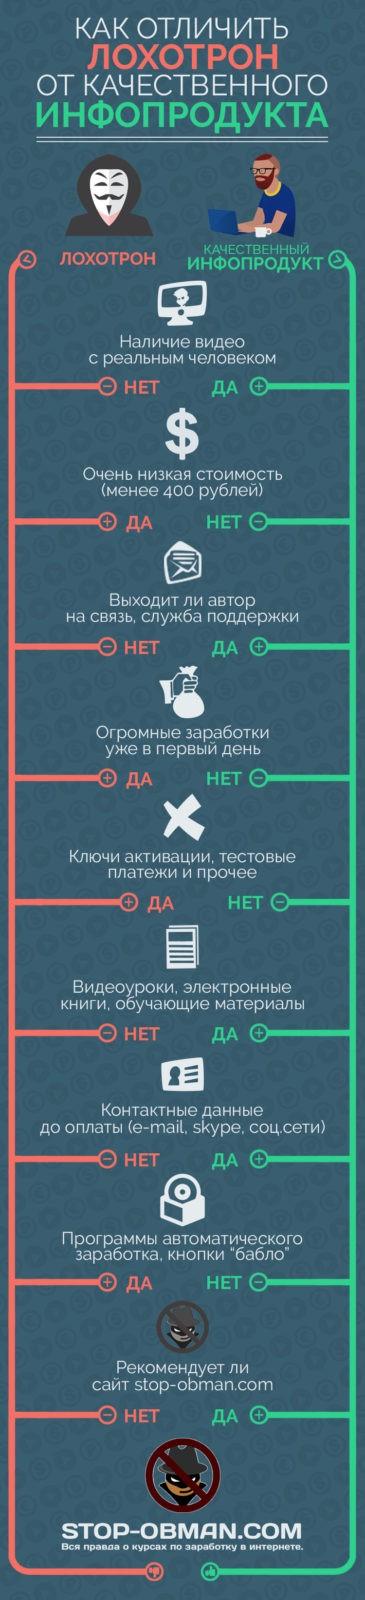 лохотрон, инфопродукт, инфографика